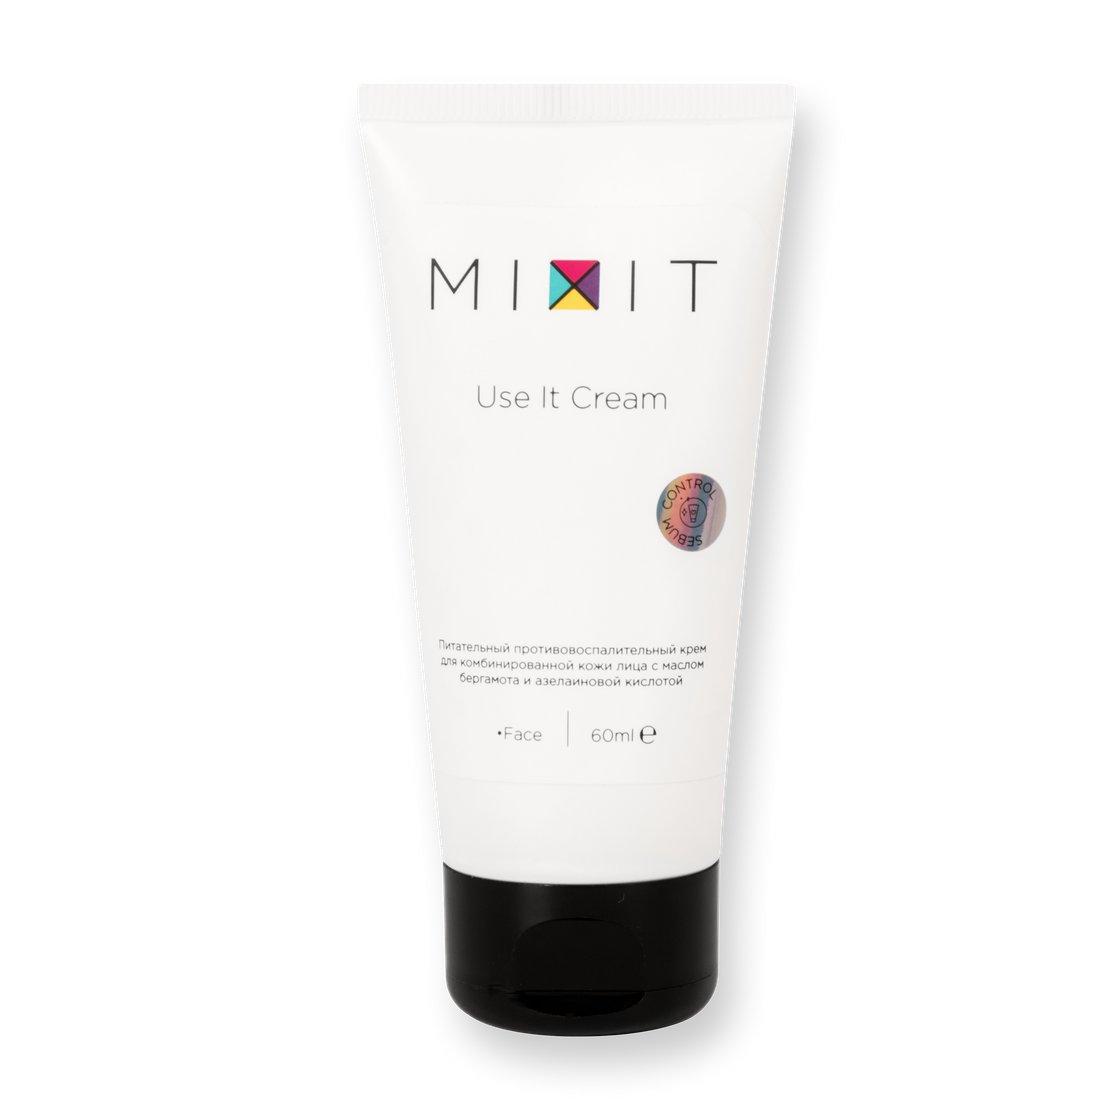 Питательный крем для жирной и проблемной кожи Use it cream